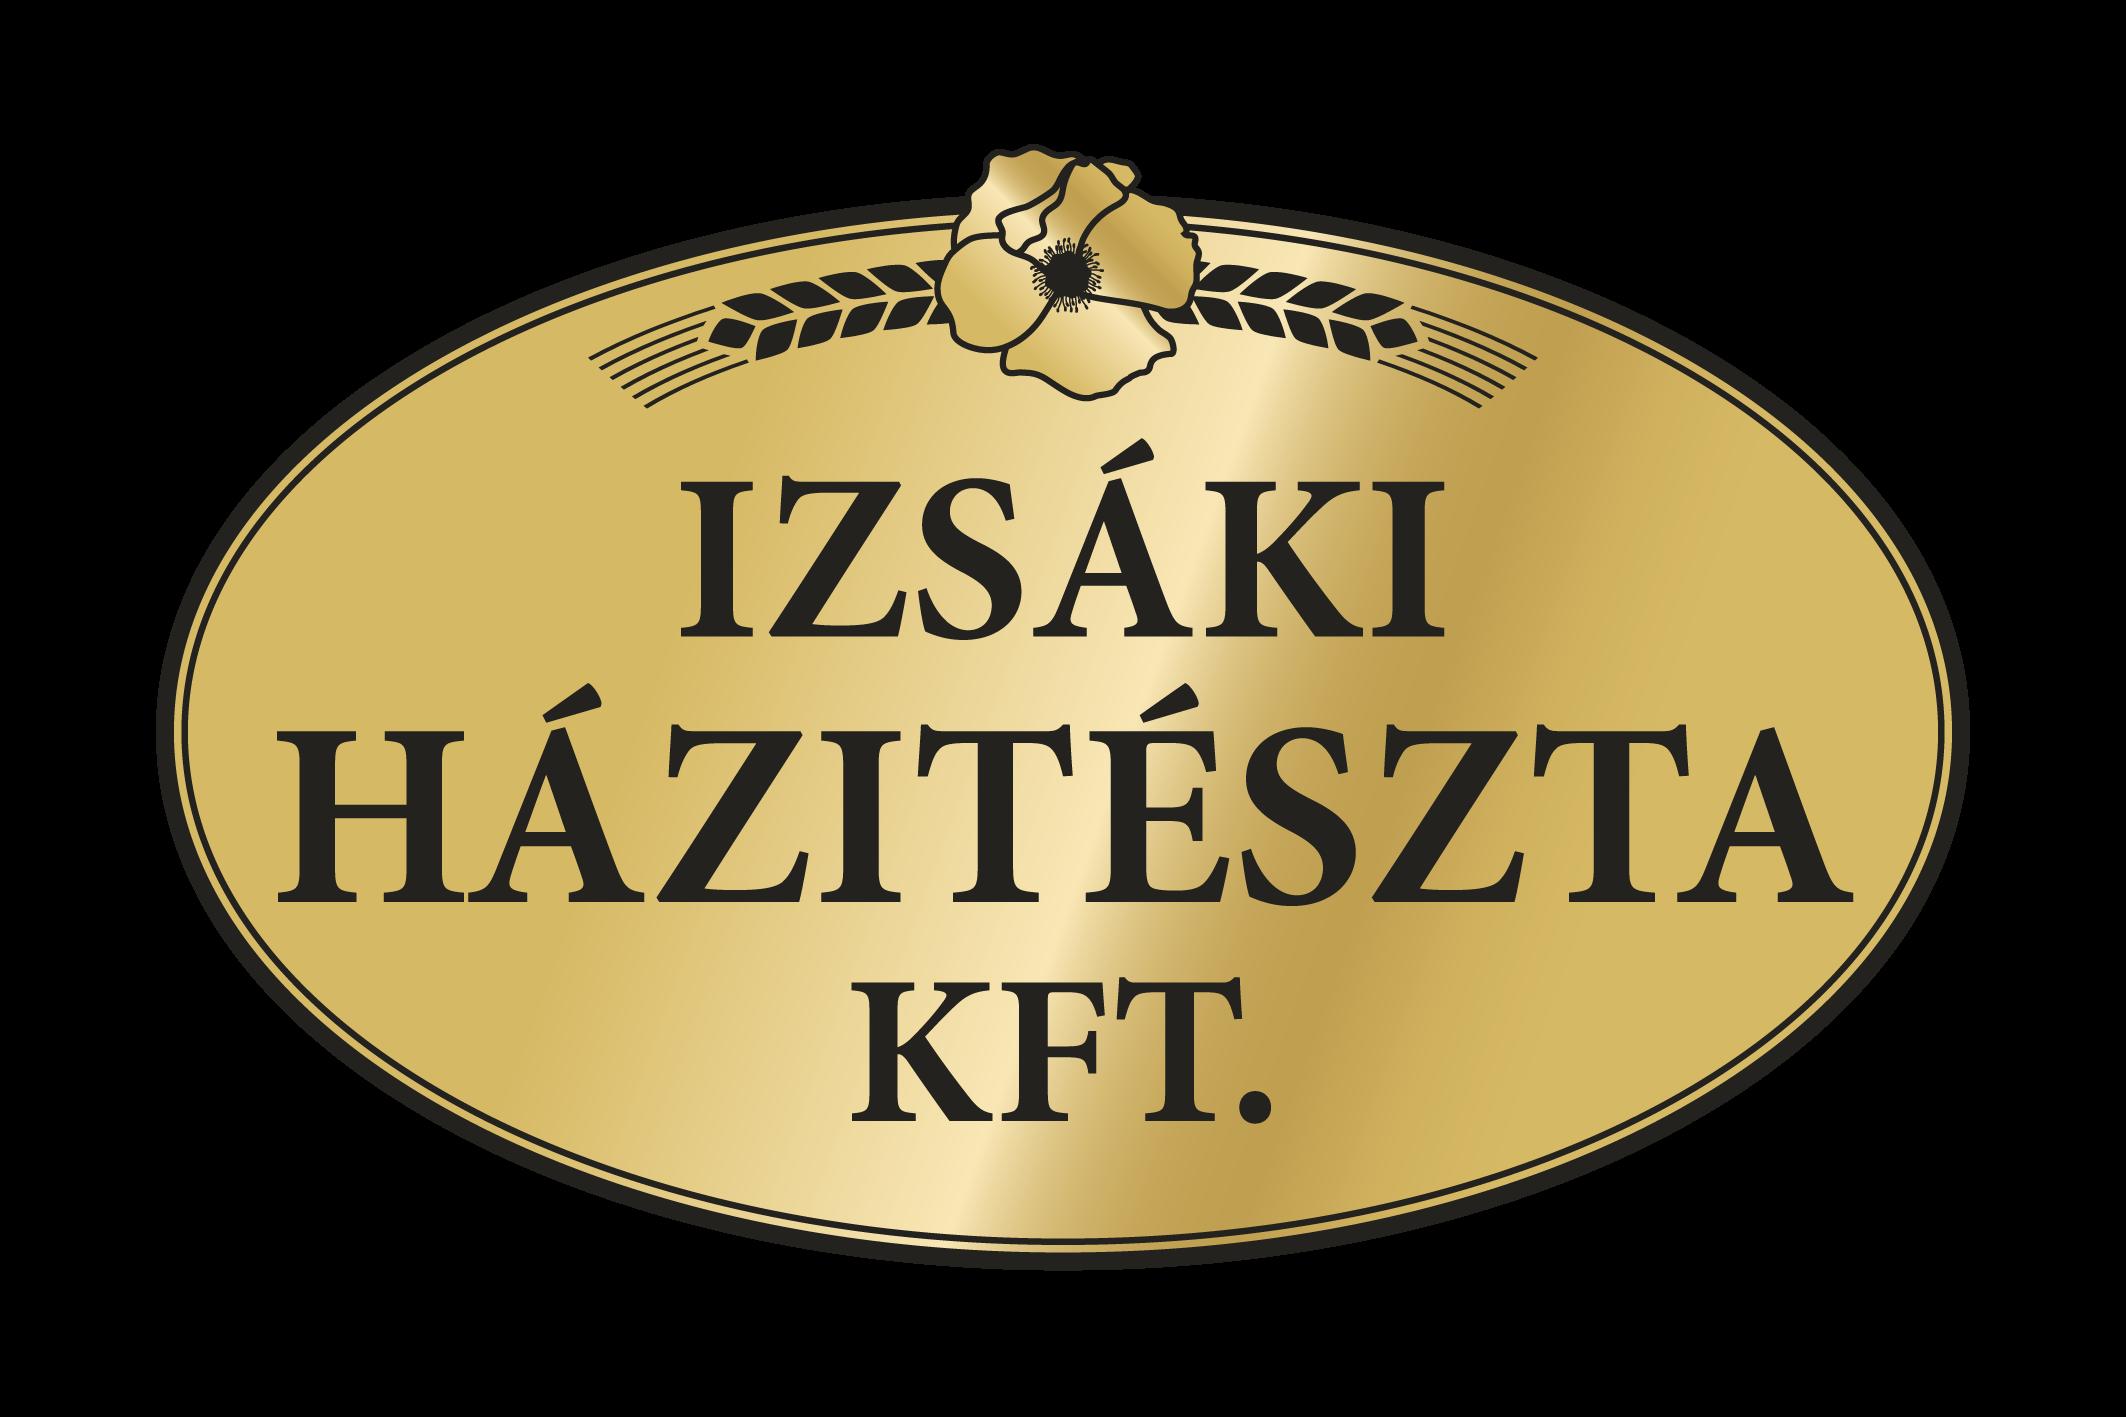 IZSÁKI HÁZITÉSZTA KFT.